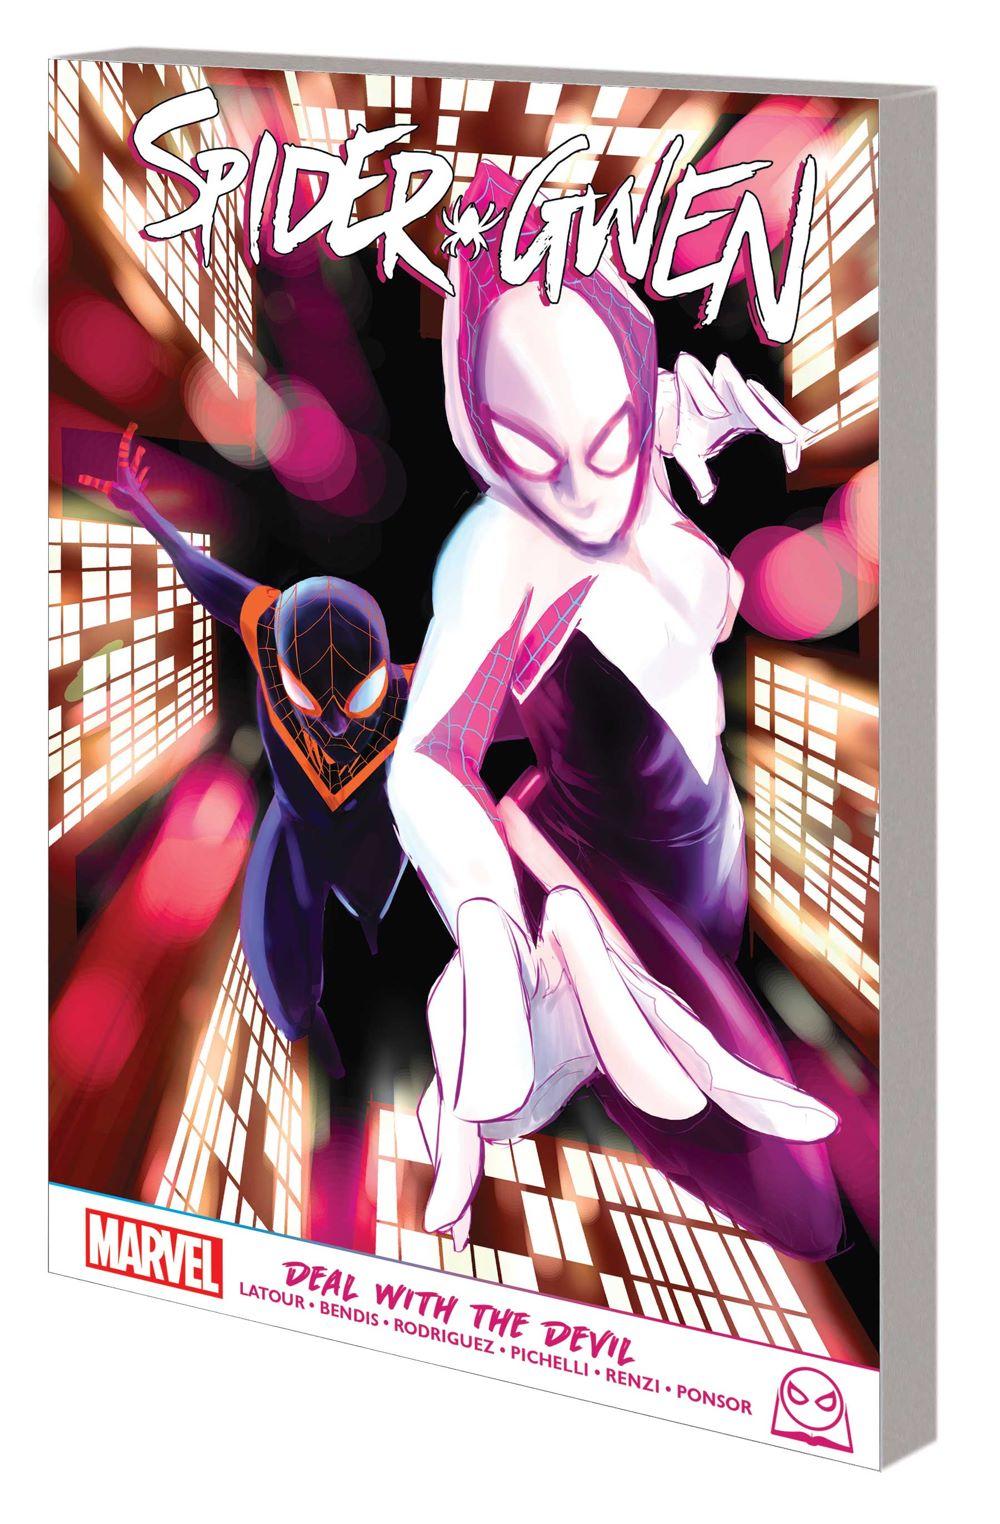 SPGWEN_DWTD_GN_TPB Marvel Comics August 2021 Solicitations